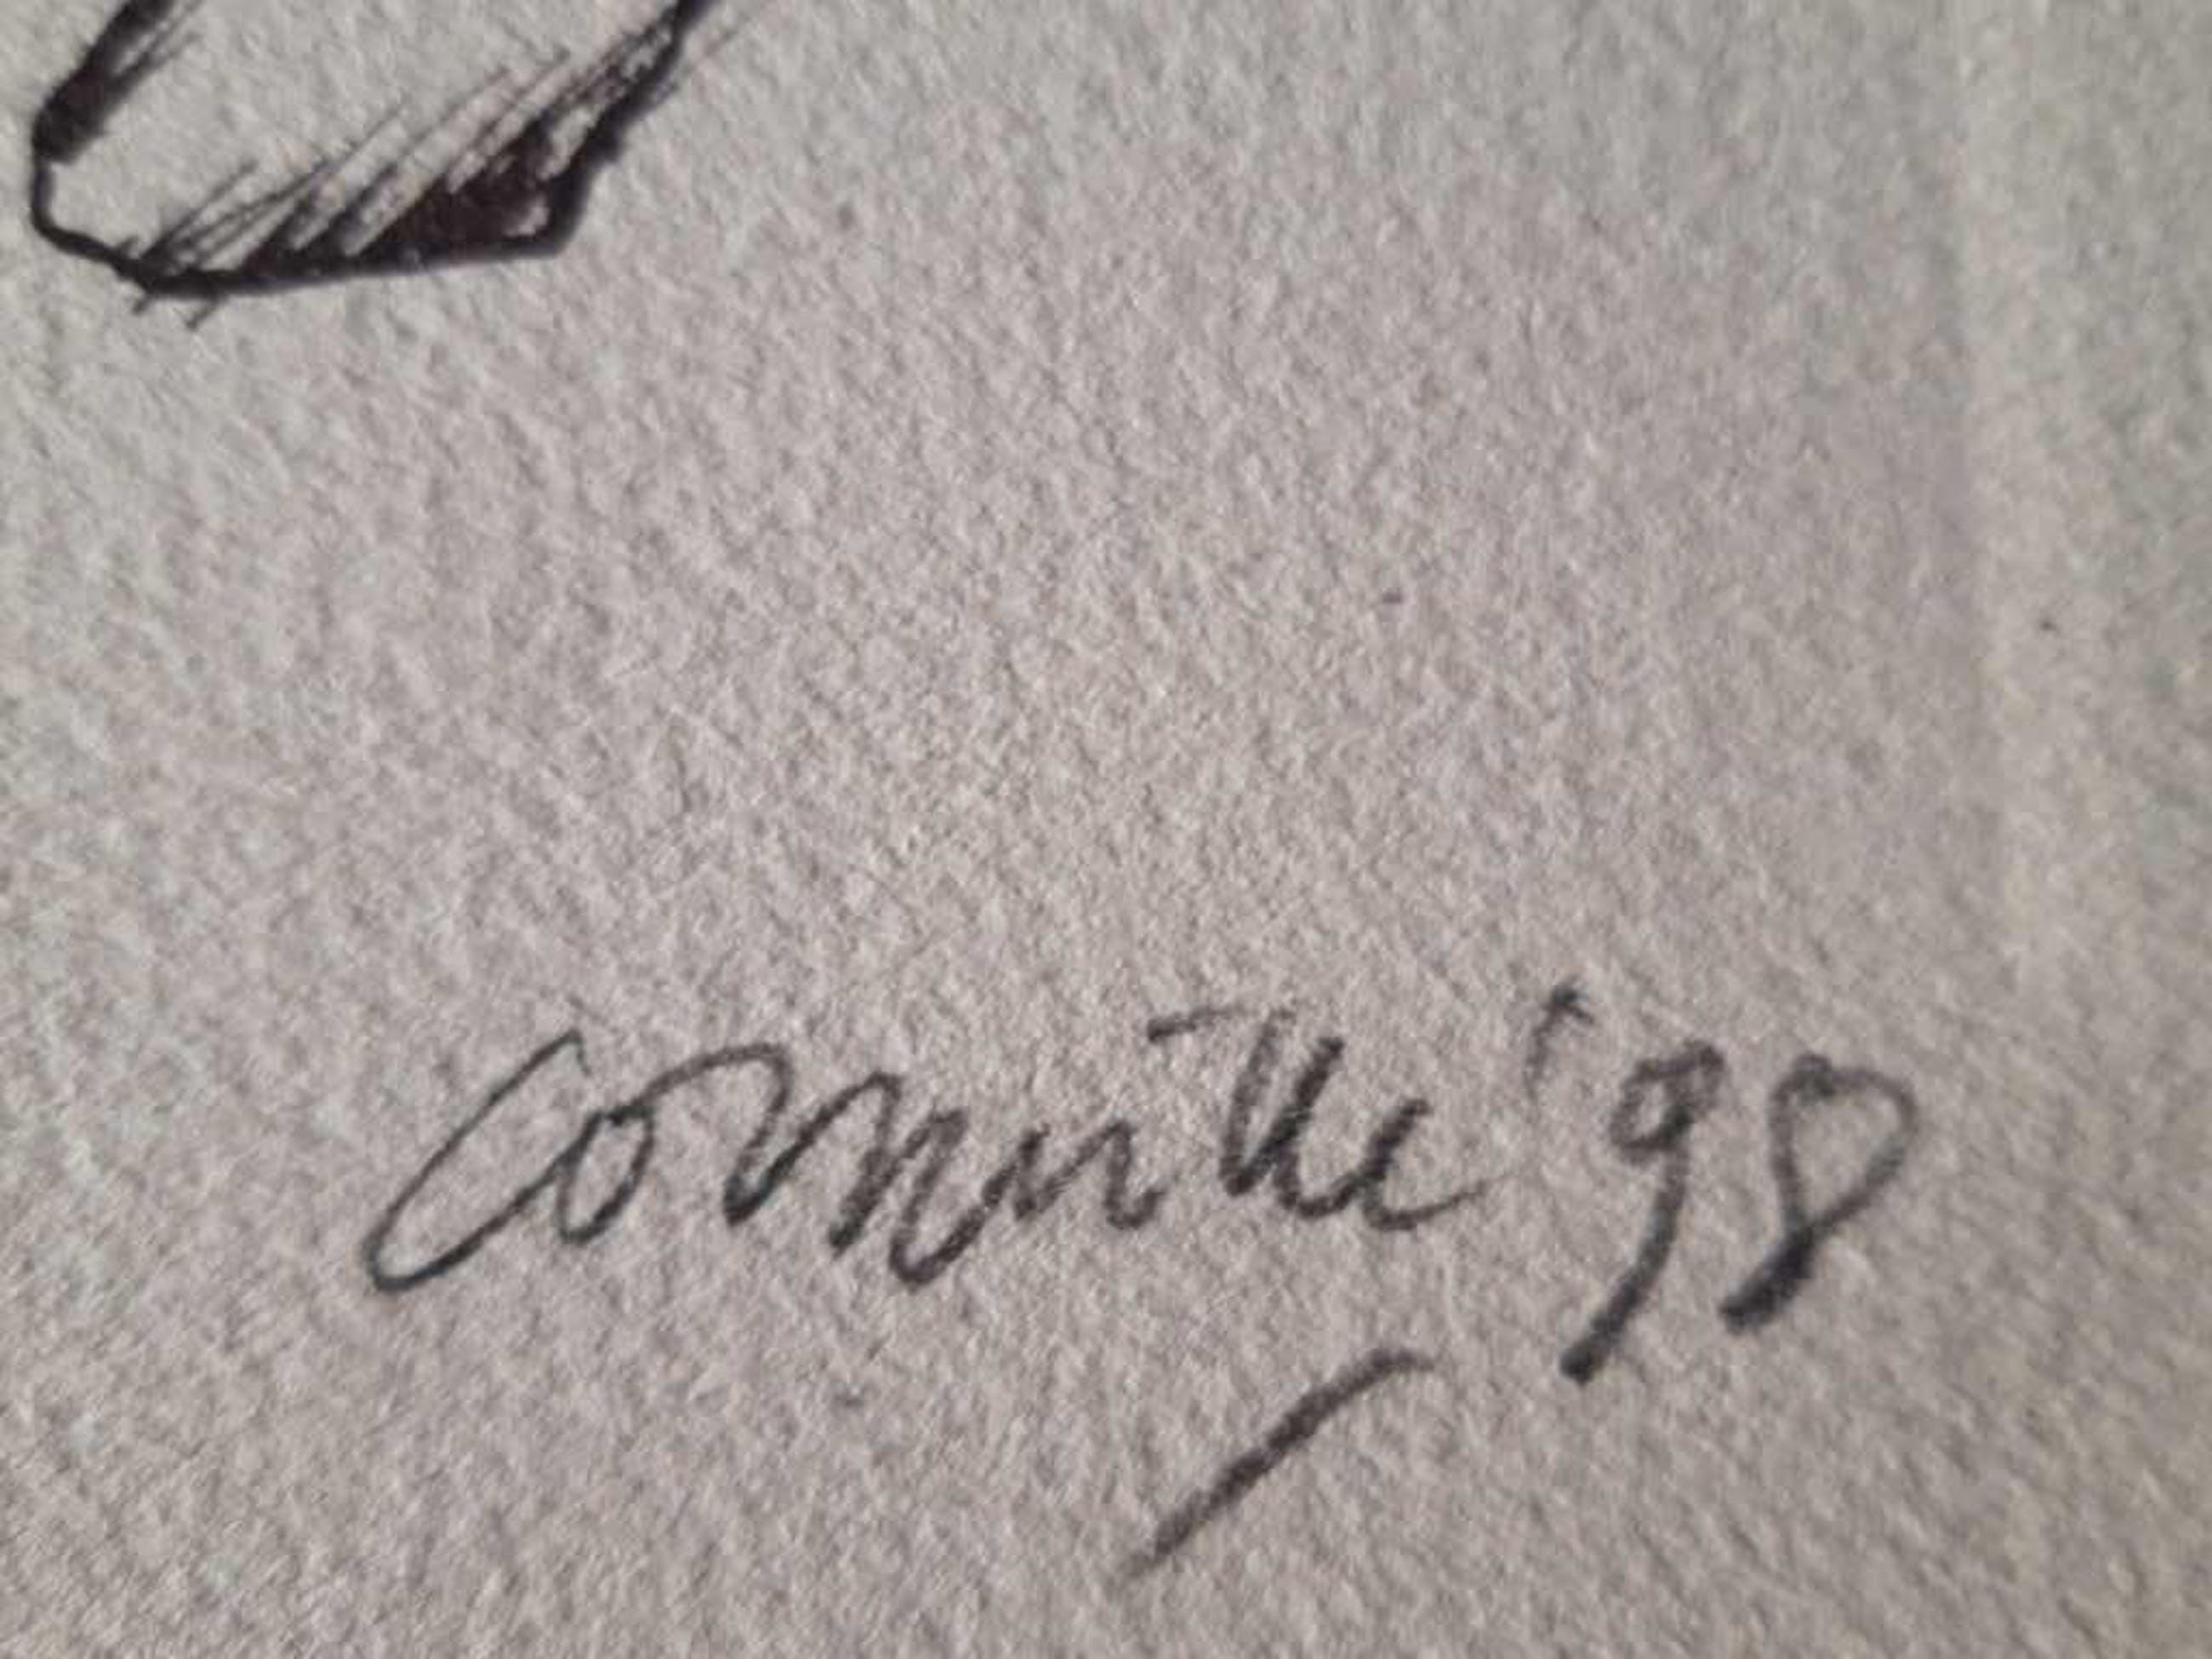 Corneille - litho, handgesigneerd en ingelijst, oplage 99 stuks kopen? Bied vanaf 90!